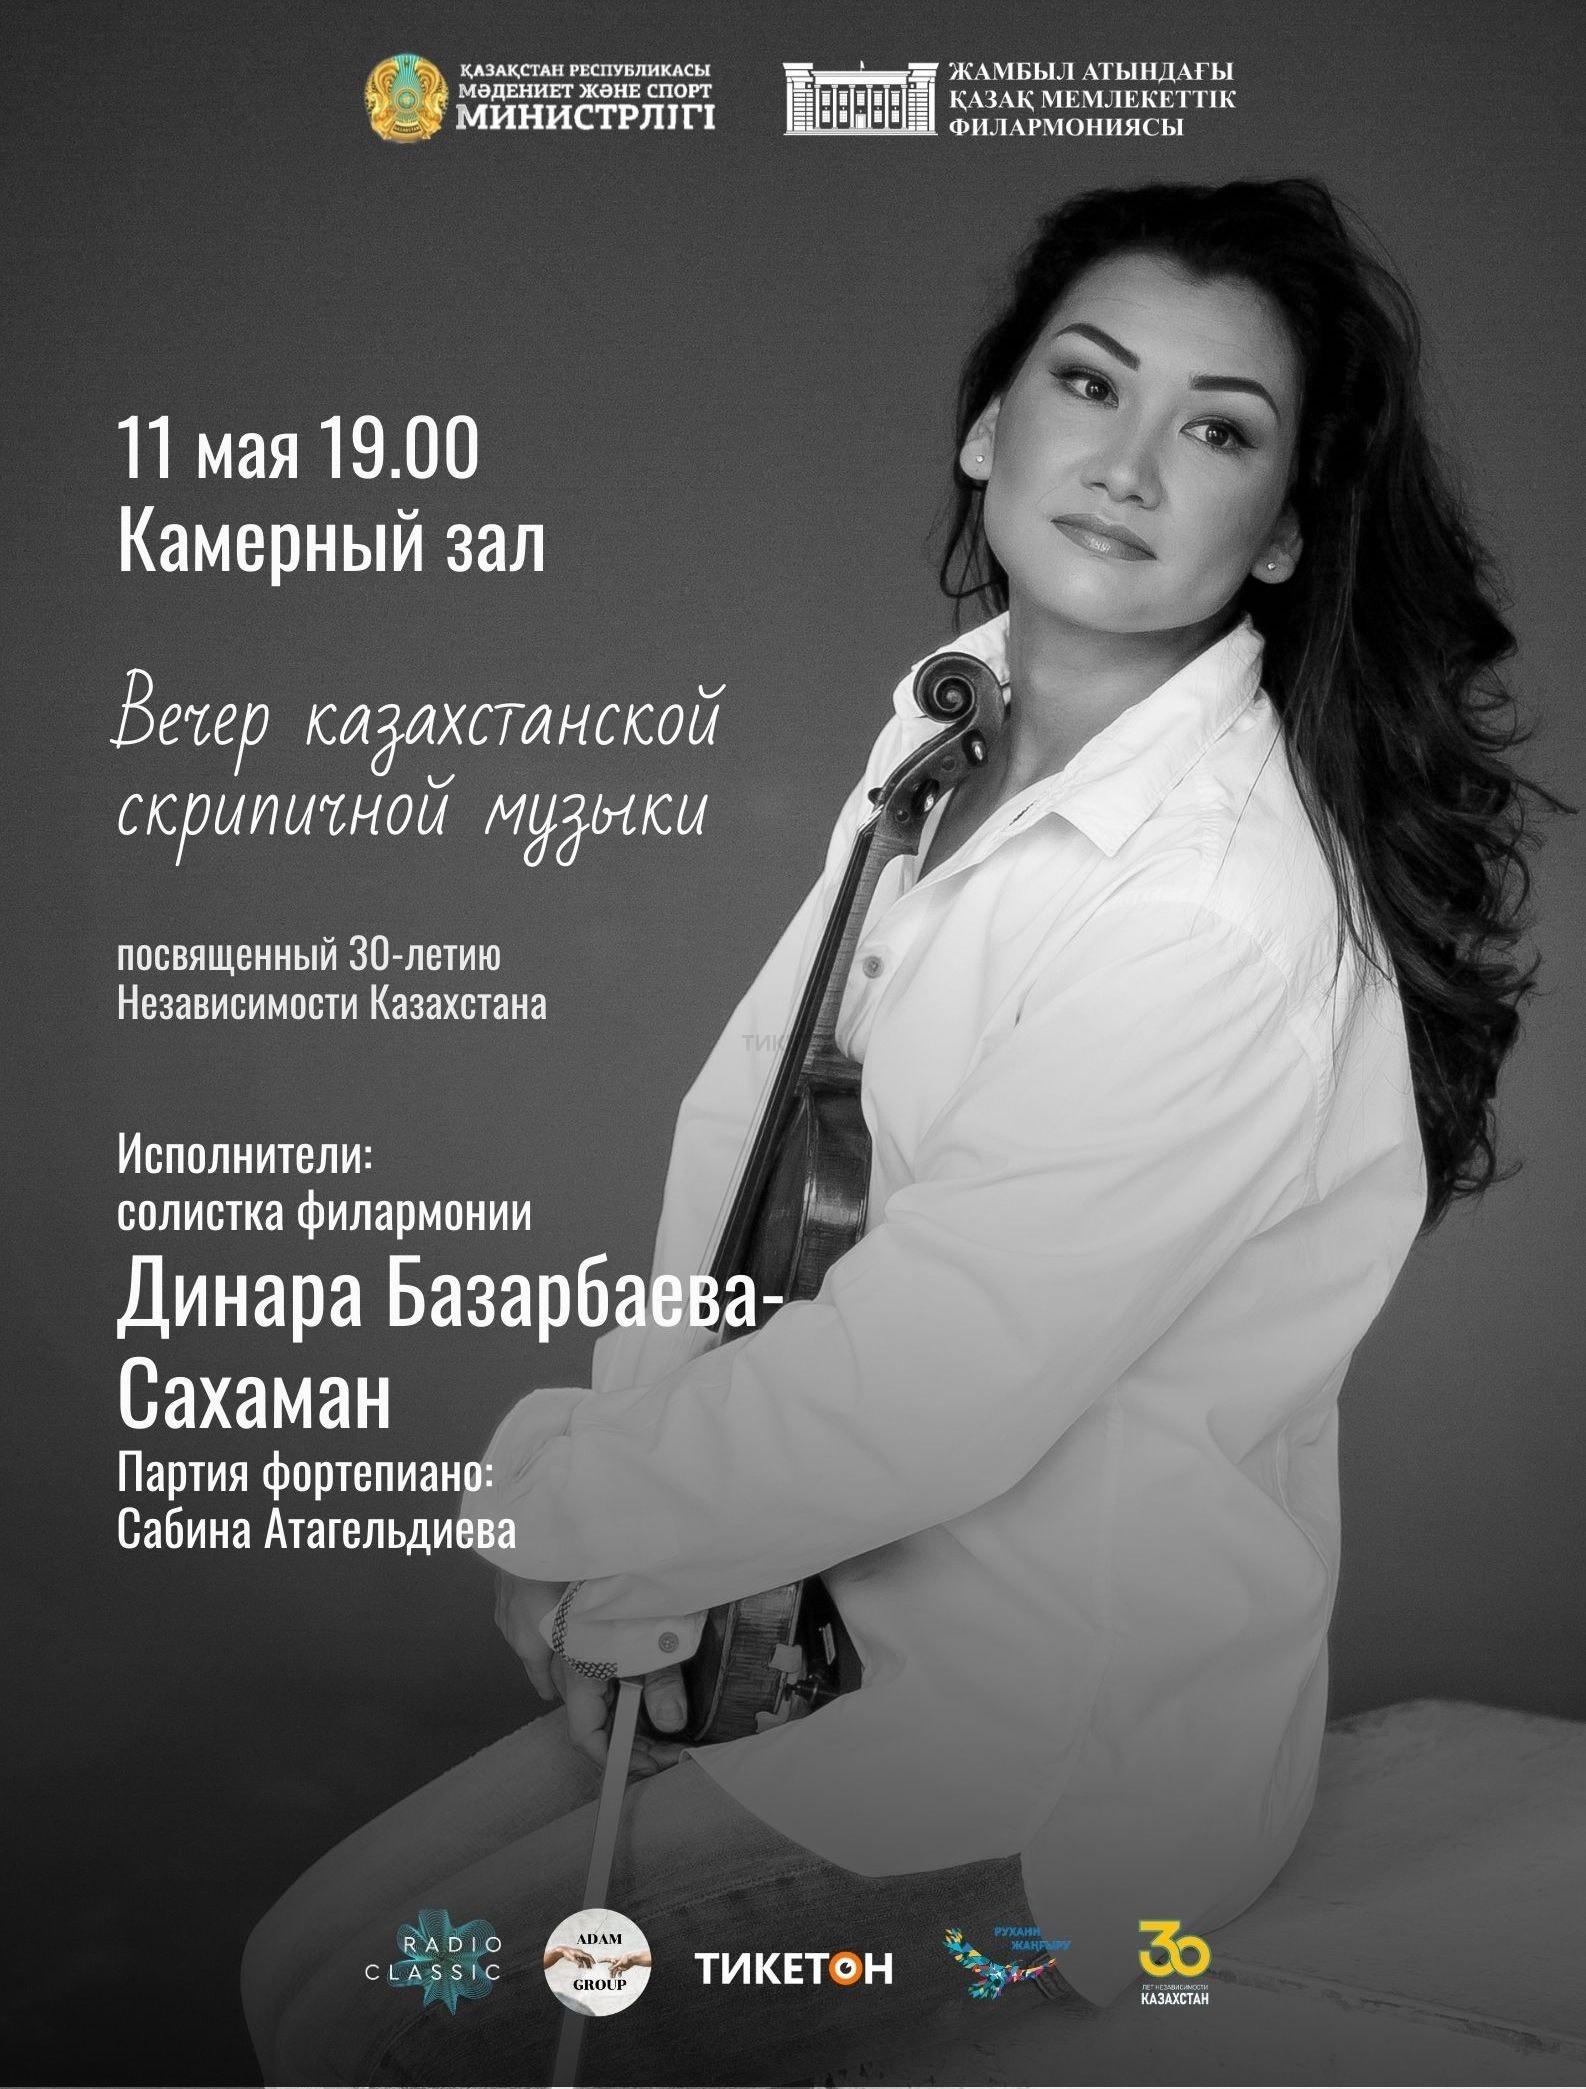 Вечер казахстанской скрипичной музыки